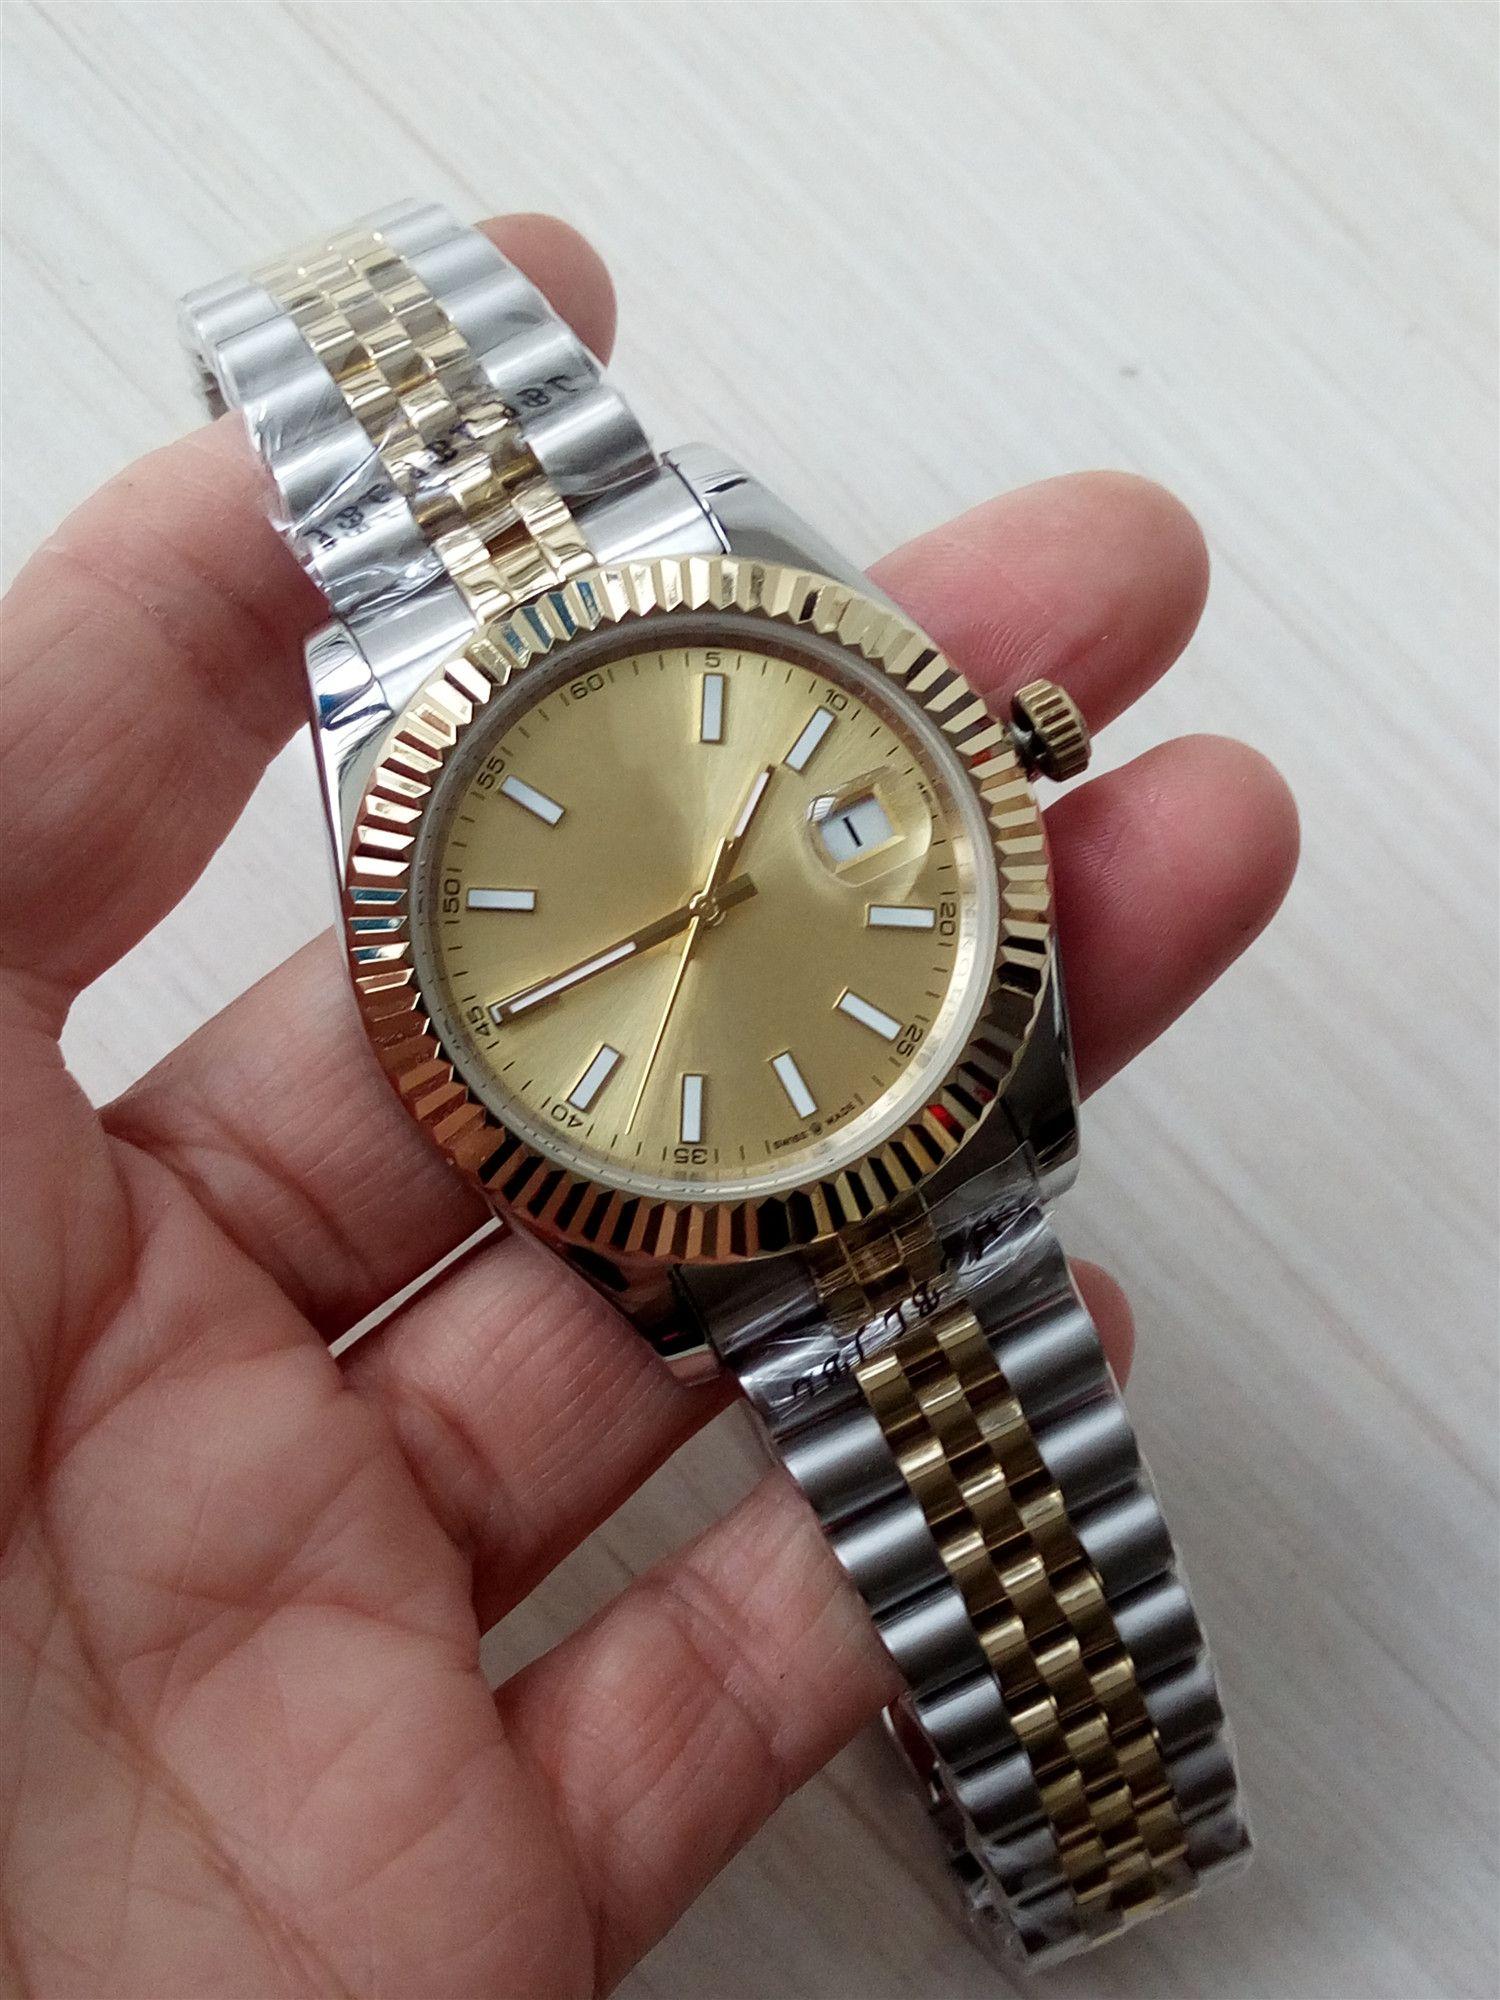 Männer Qualität Uhr 41MM 126333 ASIA 2813 Bewegung Gold 18K Gold FuchsiaDial Two Tone Gold Armreifen Automatische Uhruhrmanmannuhr